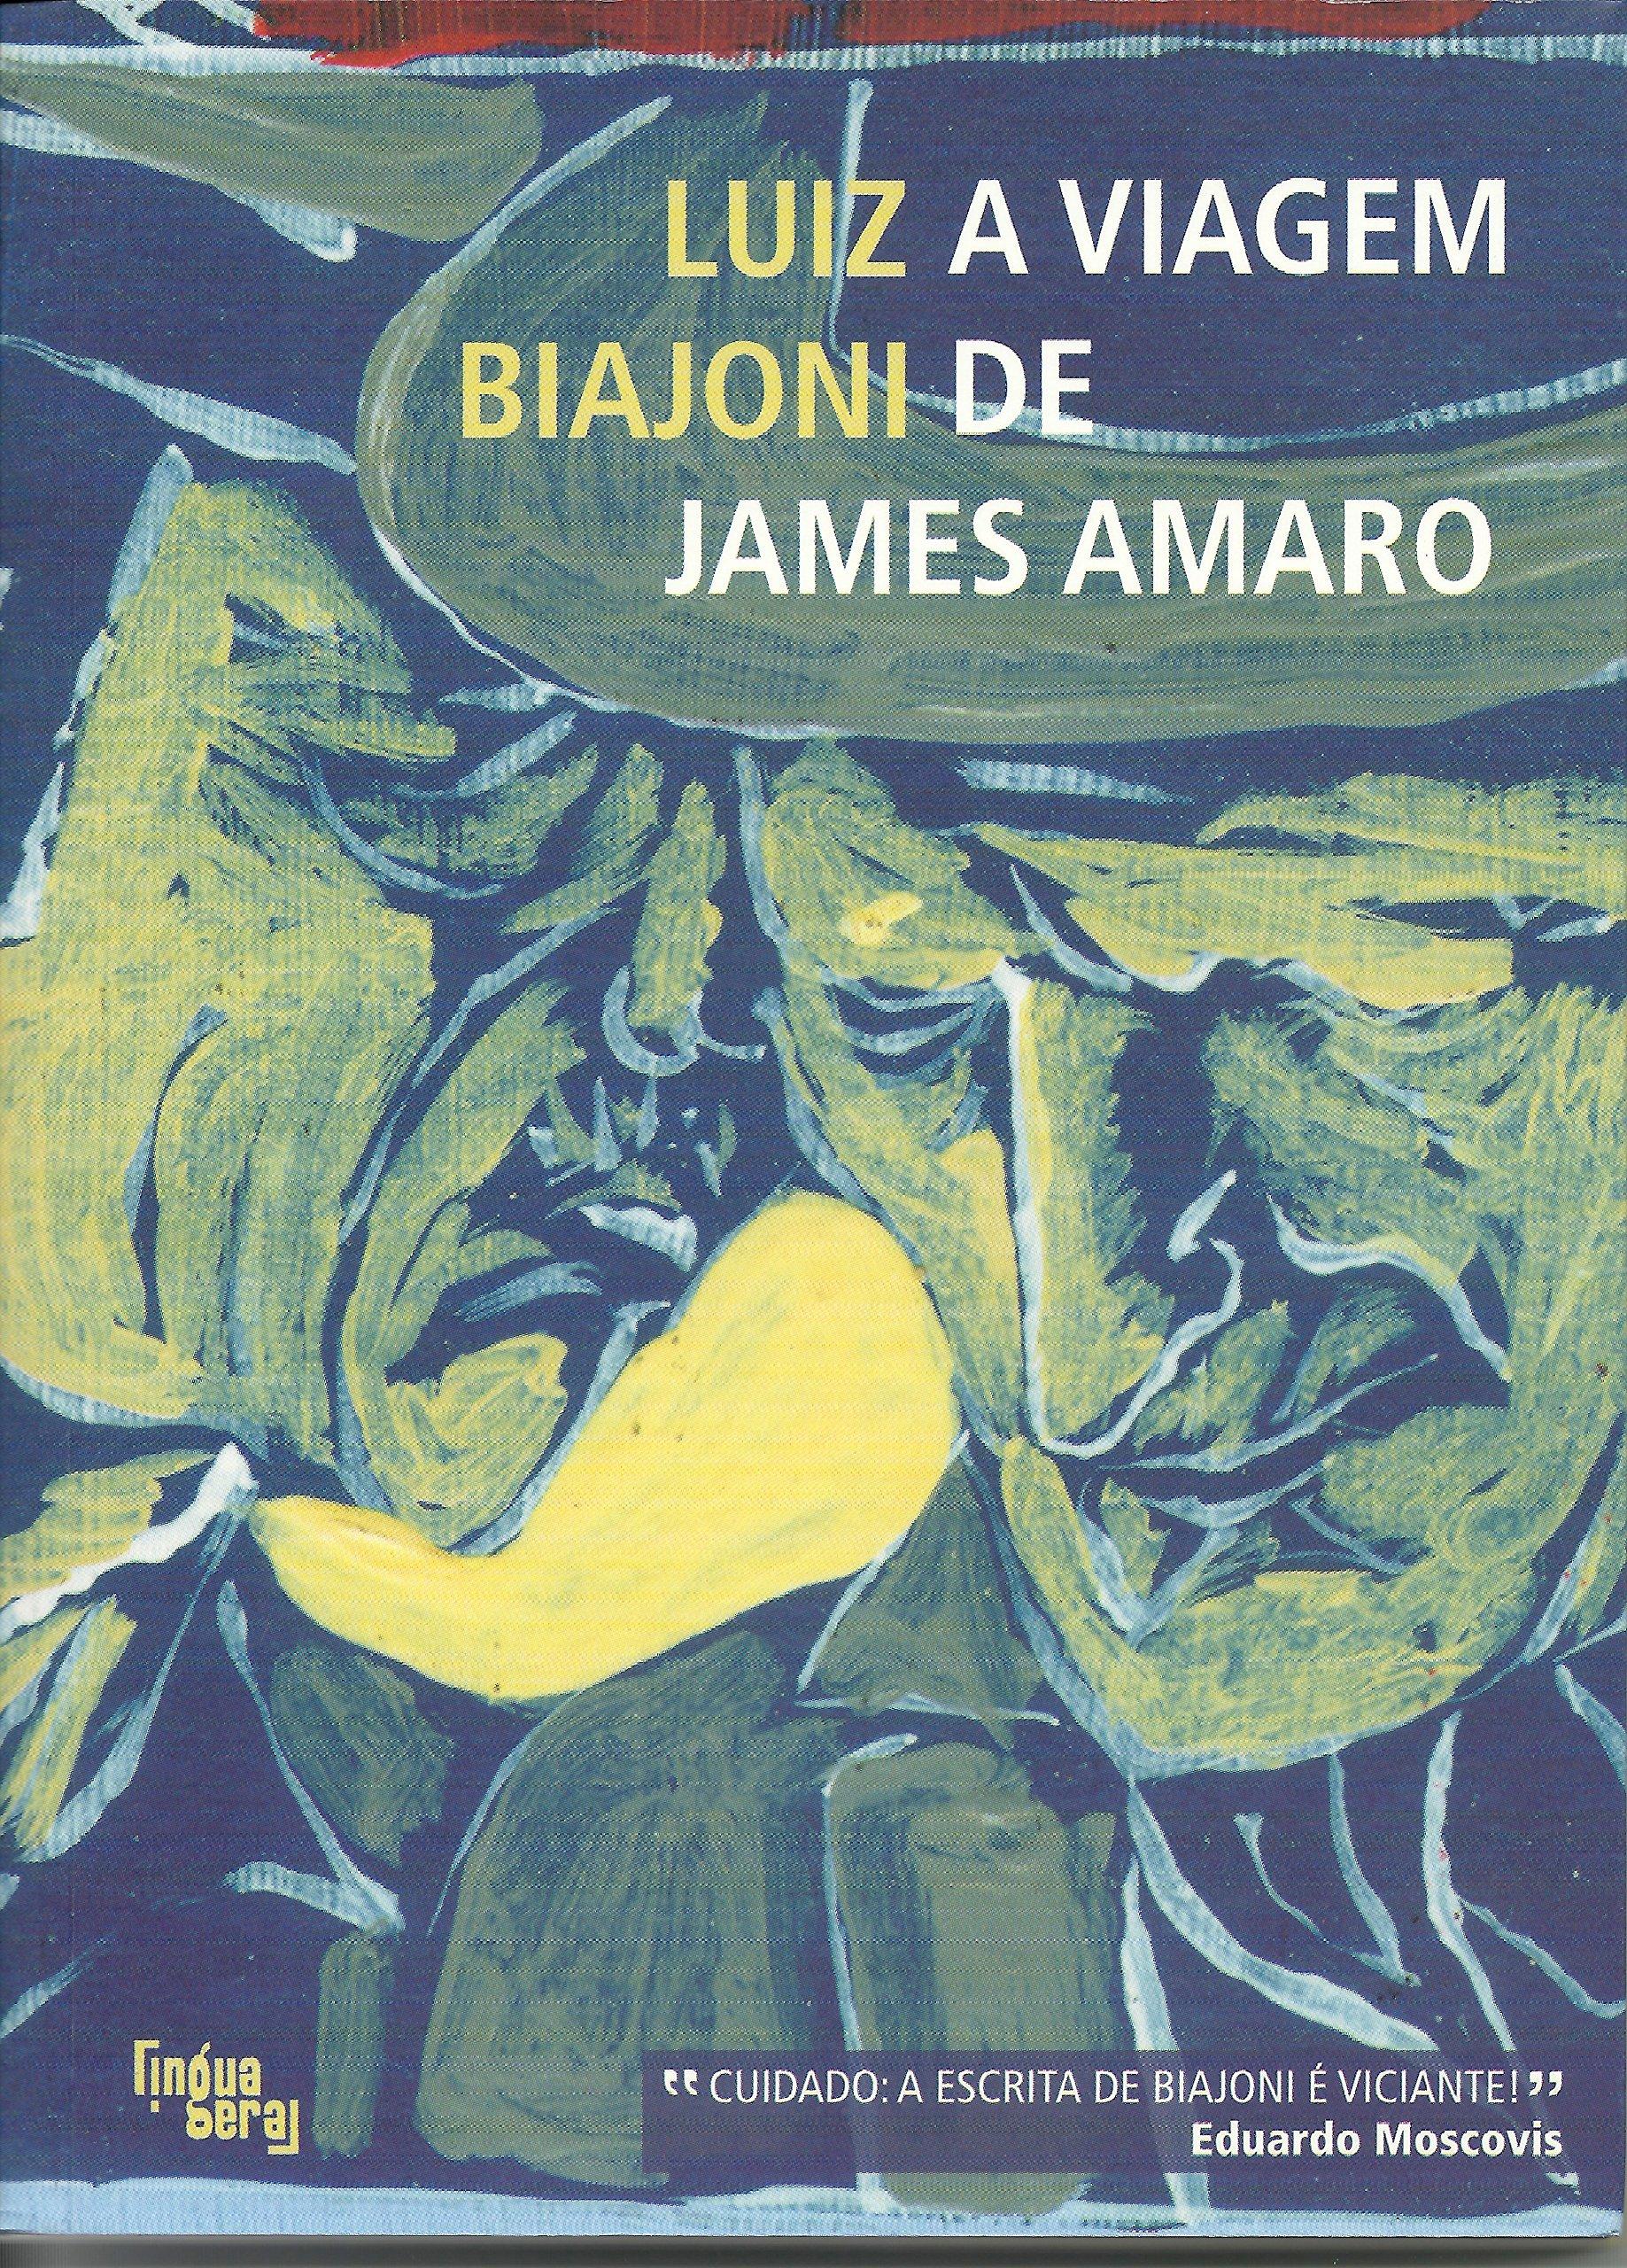 A Viagem de James Amaro (Em Portuguese do Brasil): Luiz Biajoni: 9788555160035: Amazon.com: Books